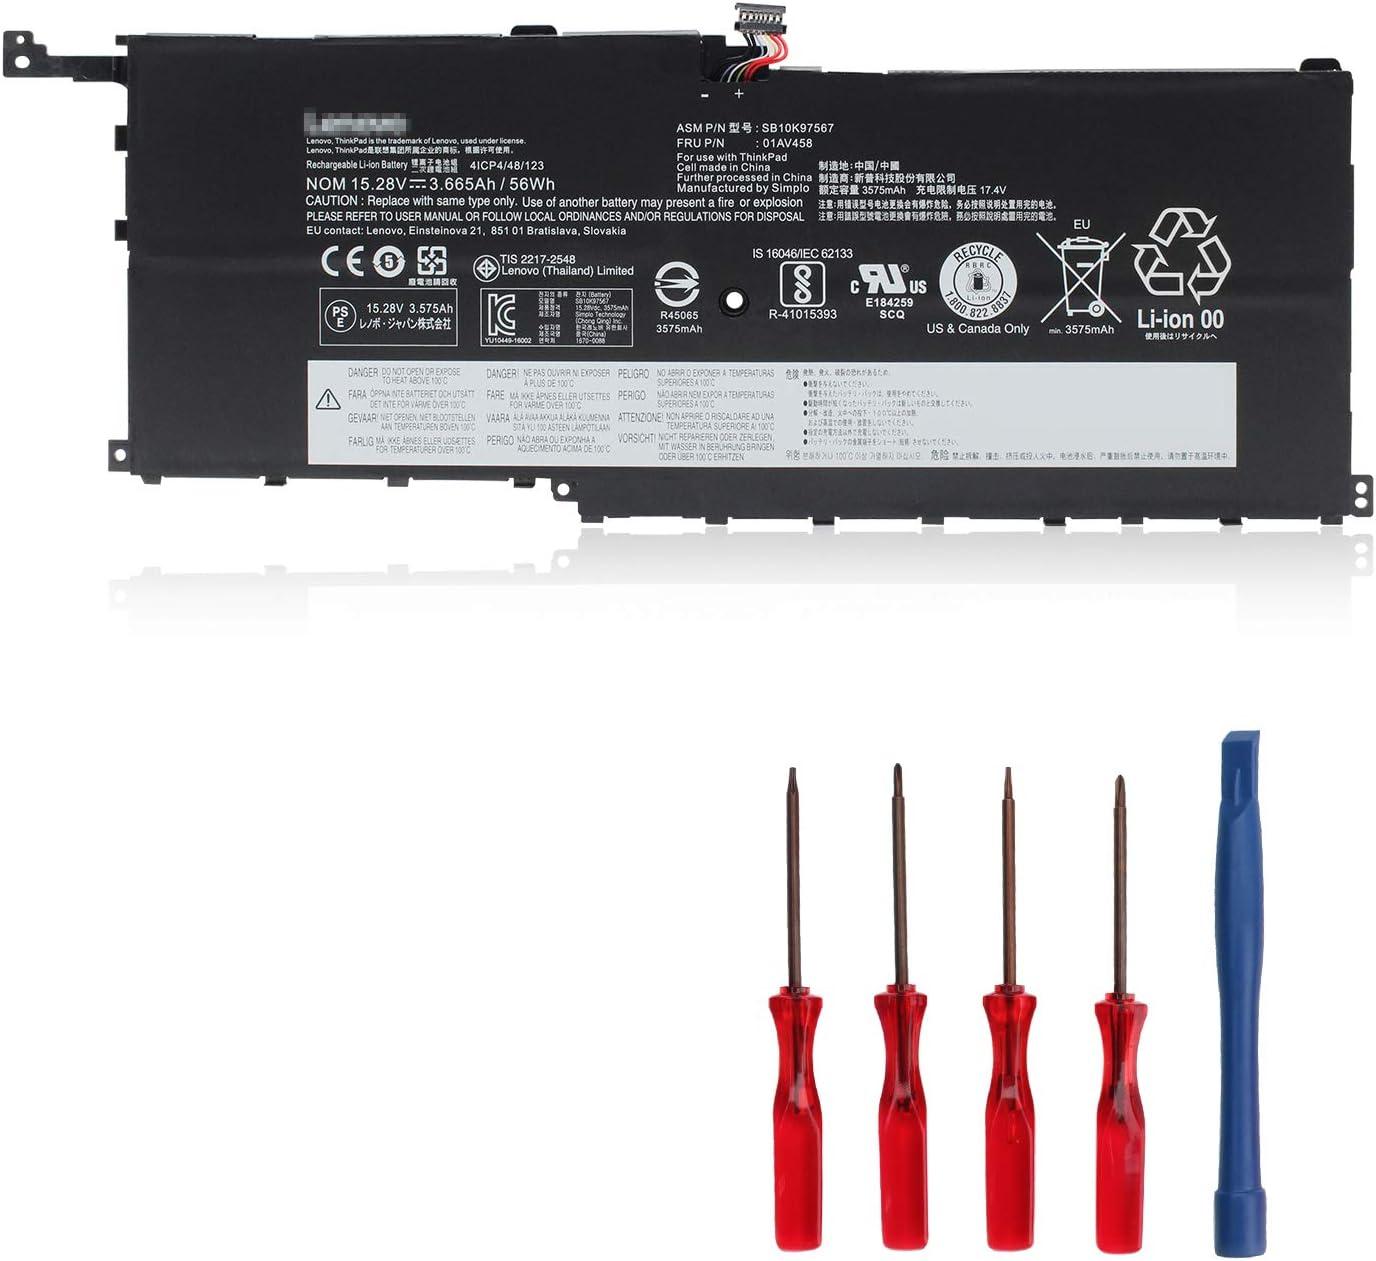 OUSIDE 01AV458 Laptop Battery Compatible with Lenovo ThinkPad X1 Carbon 4th Gen X1 Yoga 1st 2nd Gen Series Notebook 4ICP4/48/123 SB10K97567 SB10F46466 00HW029 00HW028 01AV457 SB10K97566 01AV441